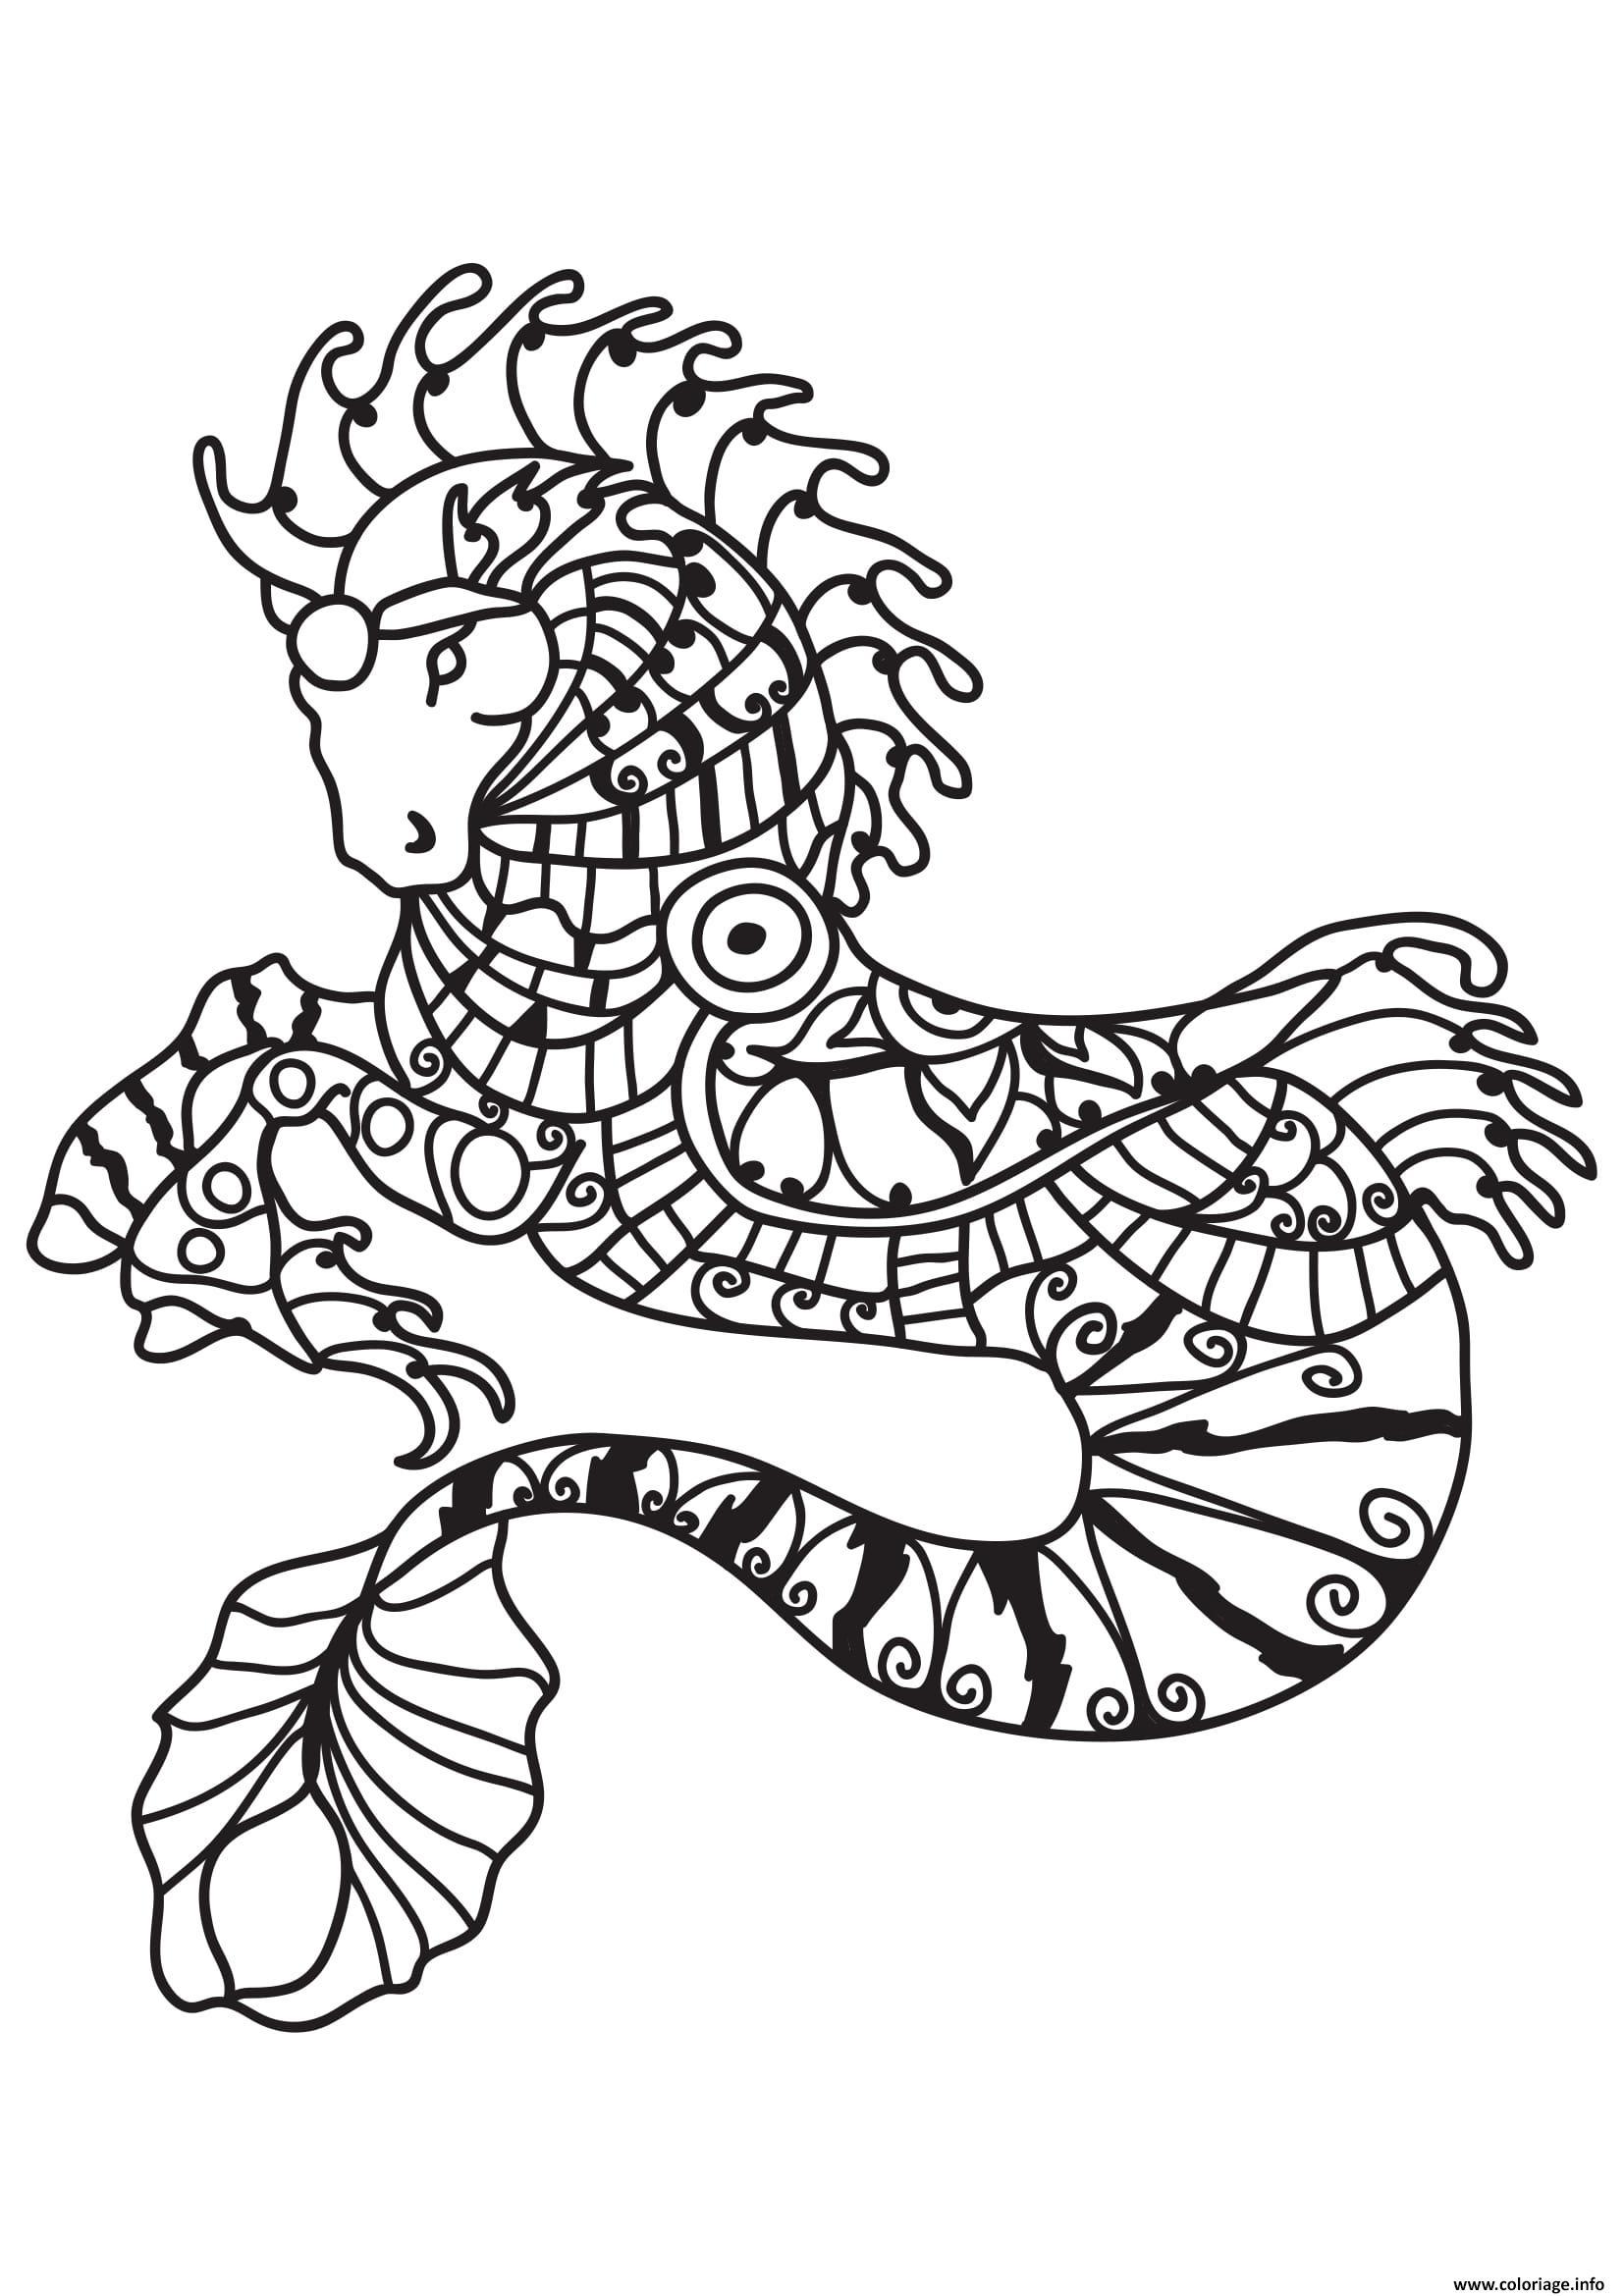 Coloriage Adulte Cheval Sirene Dessin destiné Image De Cheval A Colorier